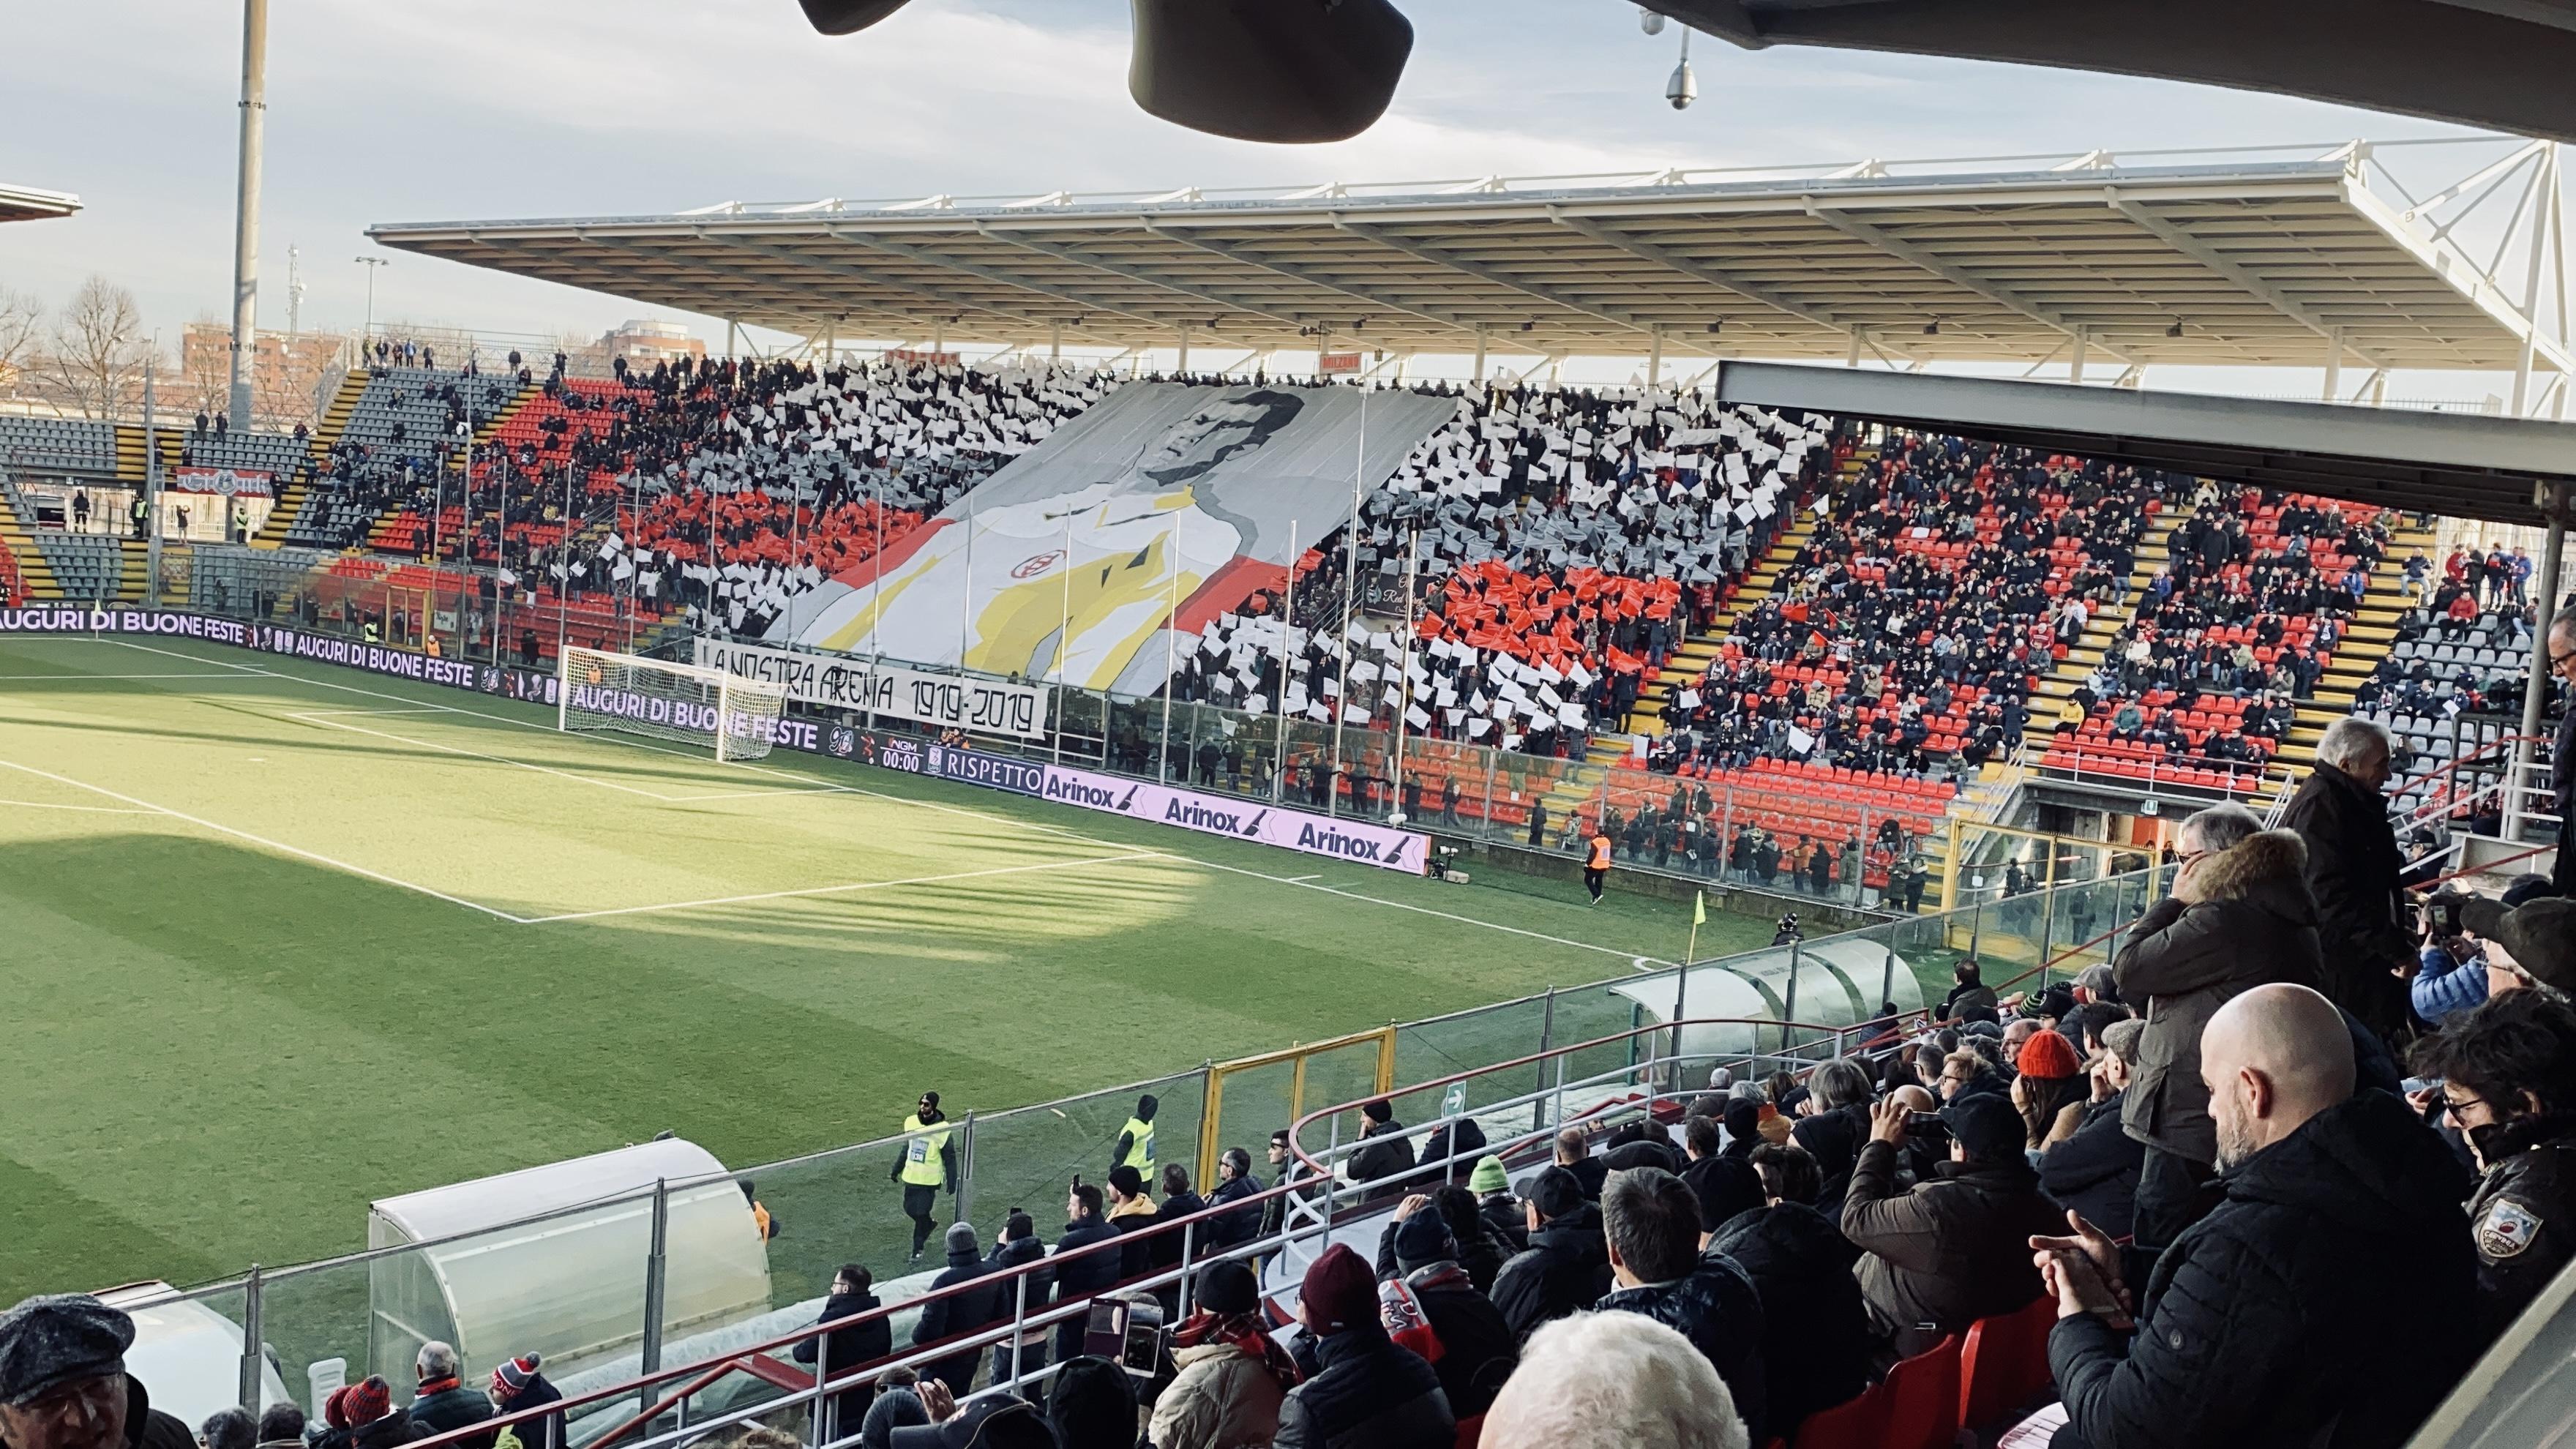 Questione stadi: riaprono anche Lombardia e Veneto